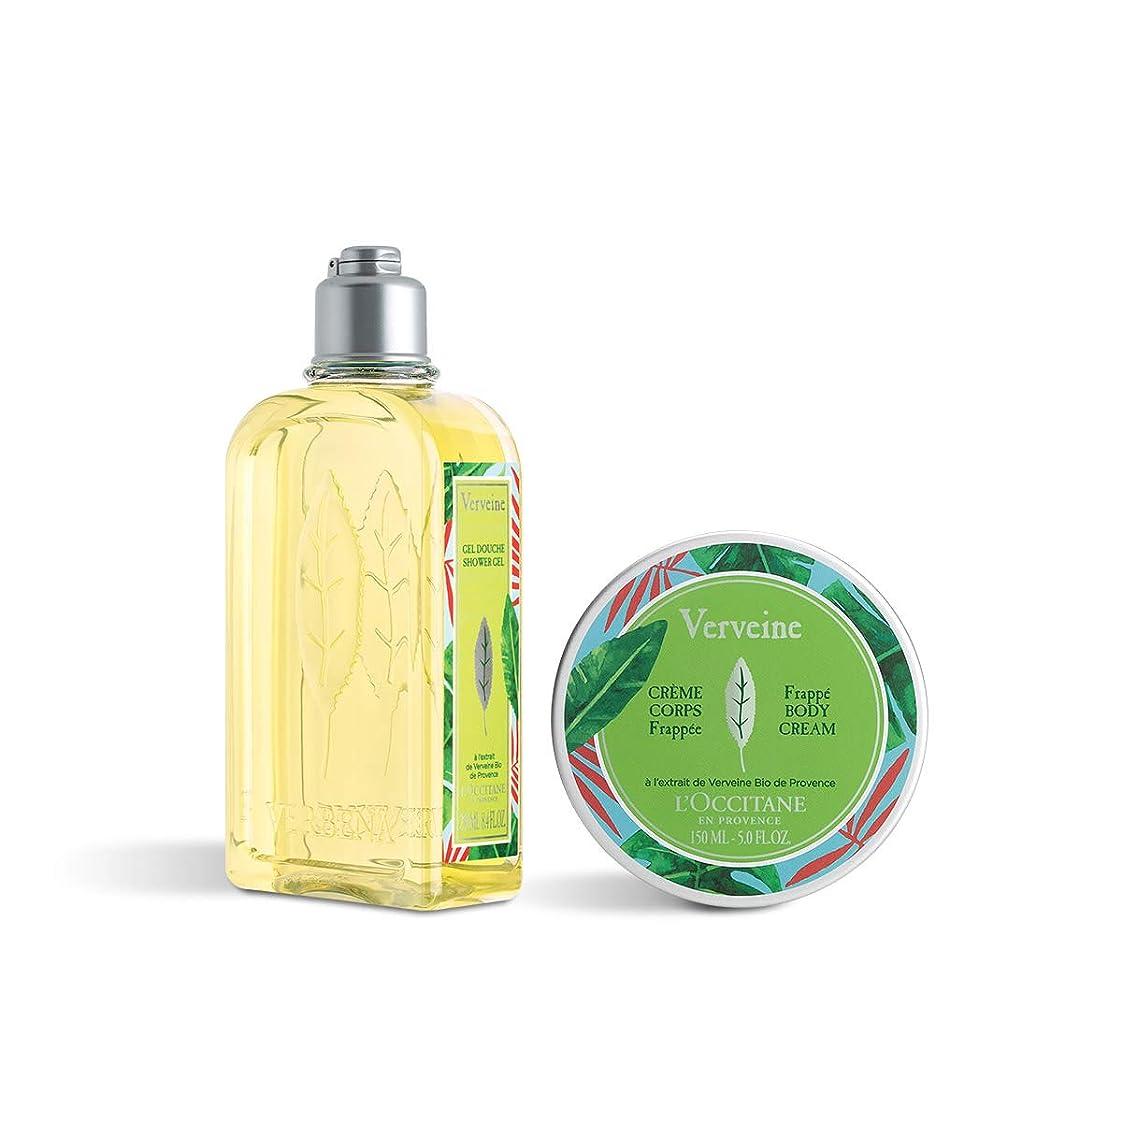 魅力的リスキーな理容師ロクシタン(L'OCCITANE) ヴァーベナ ボディデュオ(シャワージェル 250ml+ボディクリーム 150ml)